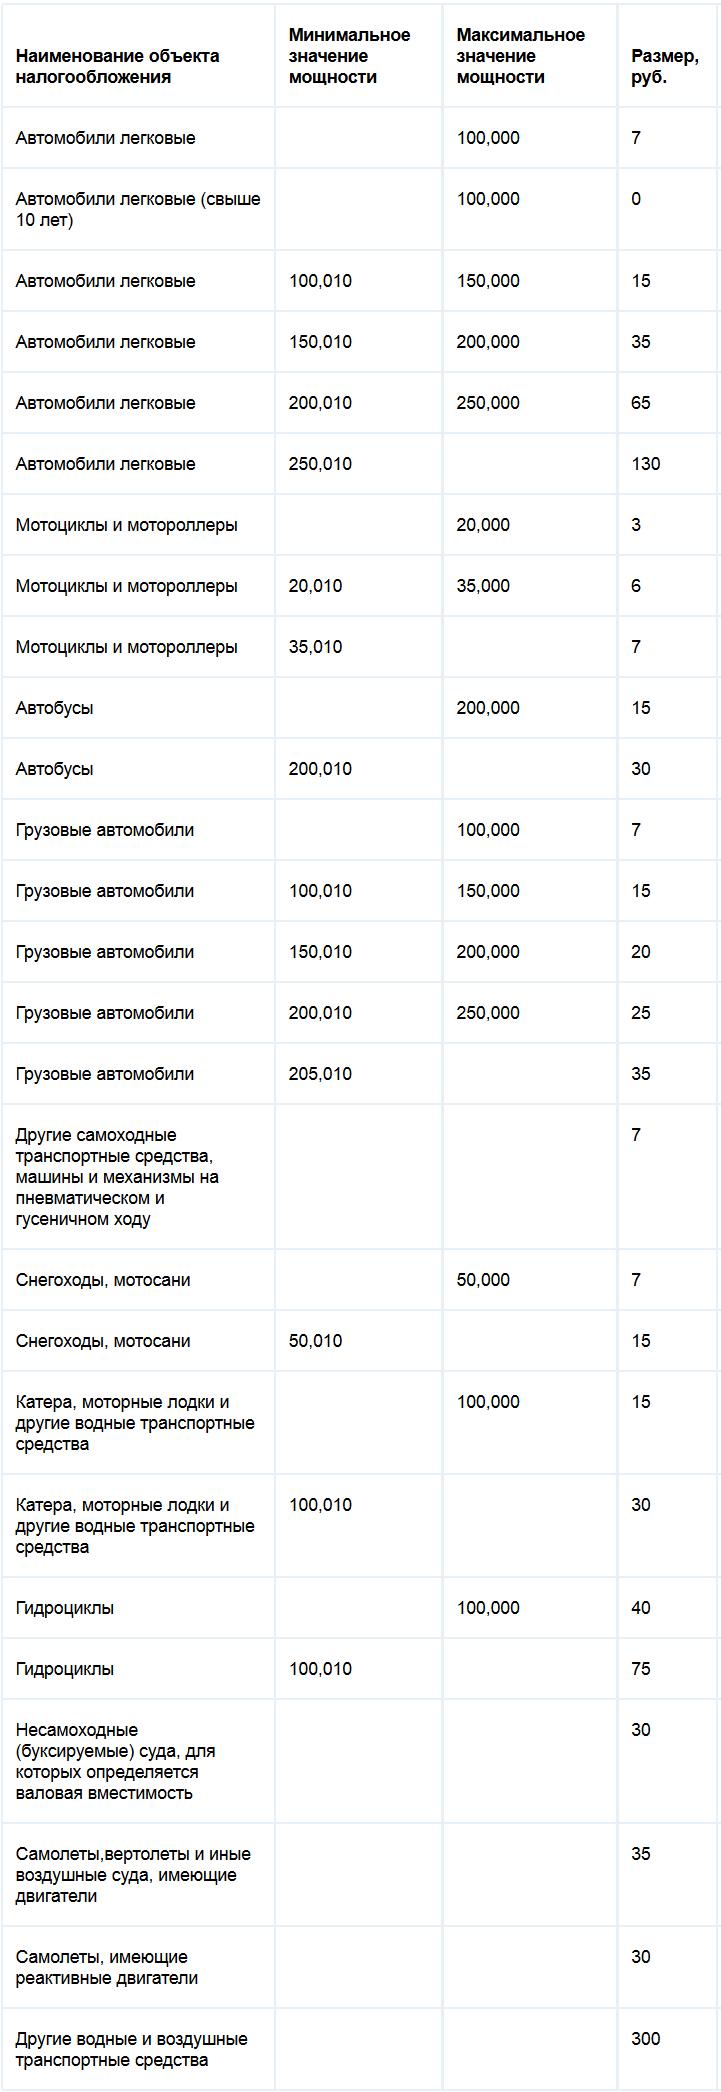 Ставки транспортного налога в республике мордовия бк ставки как заработать